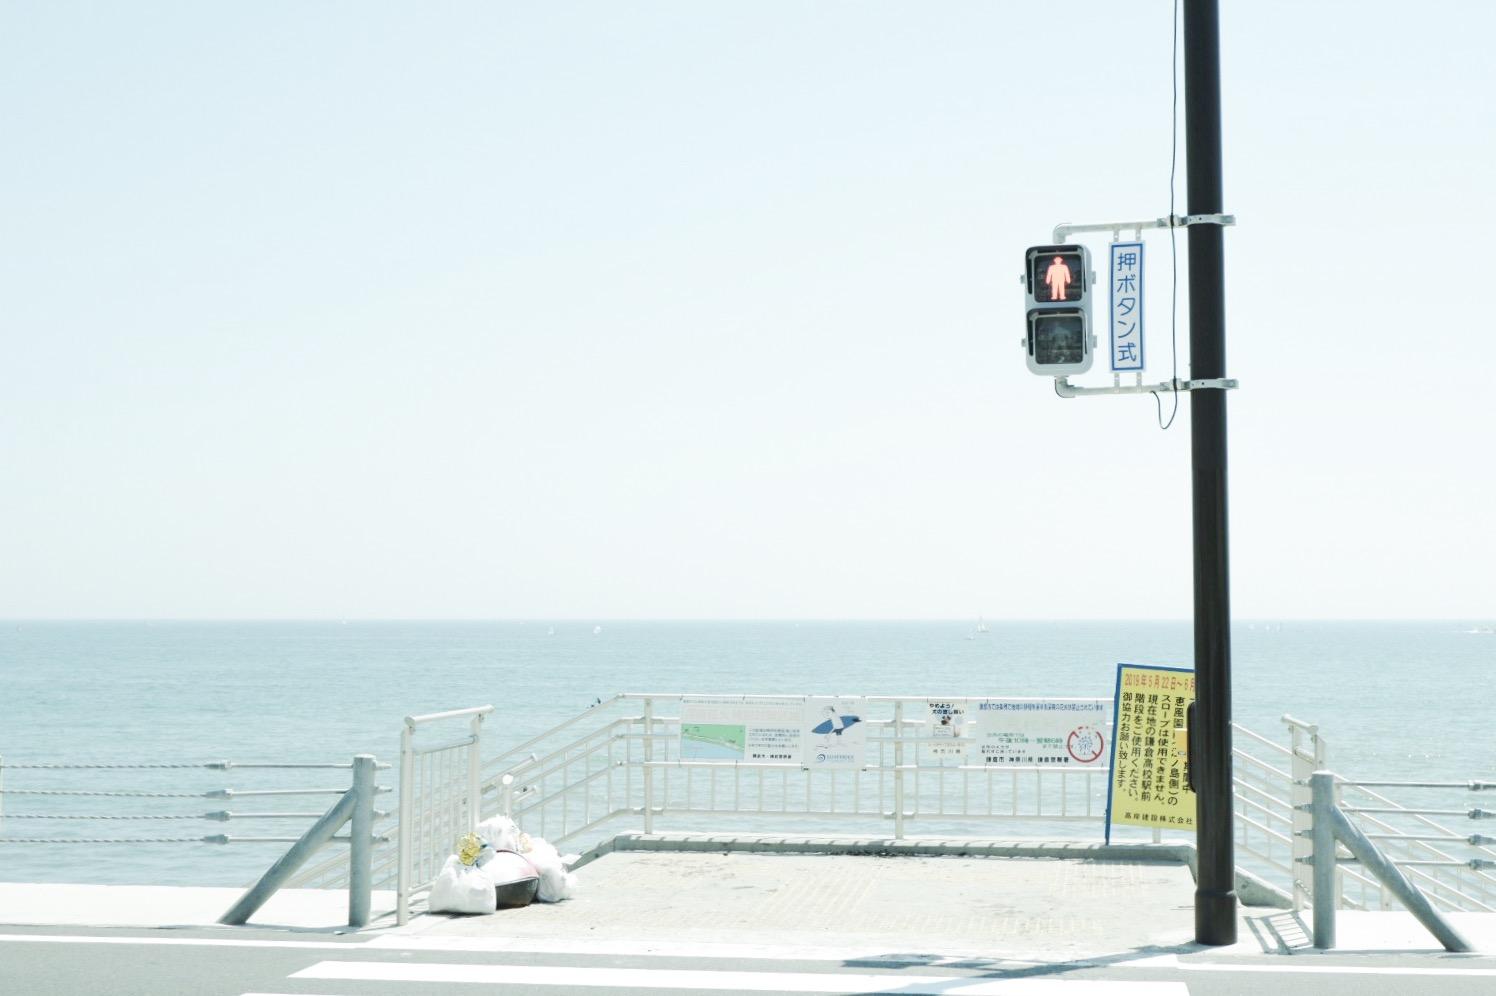 週末におでかけしたいけど、多忙すぎるあなたへ。半日あれば満喫できる「江ノ電沿い」のおすすめお散歩プラン♩